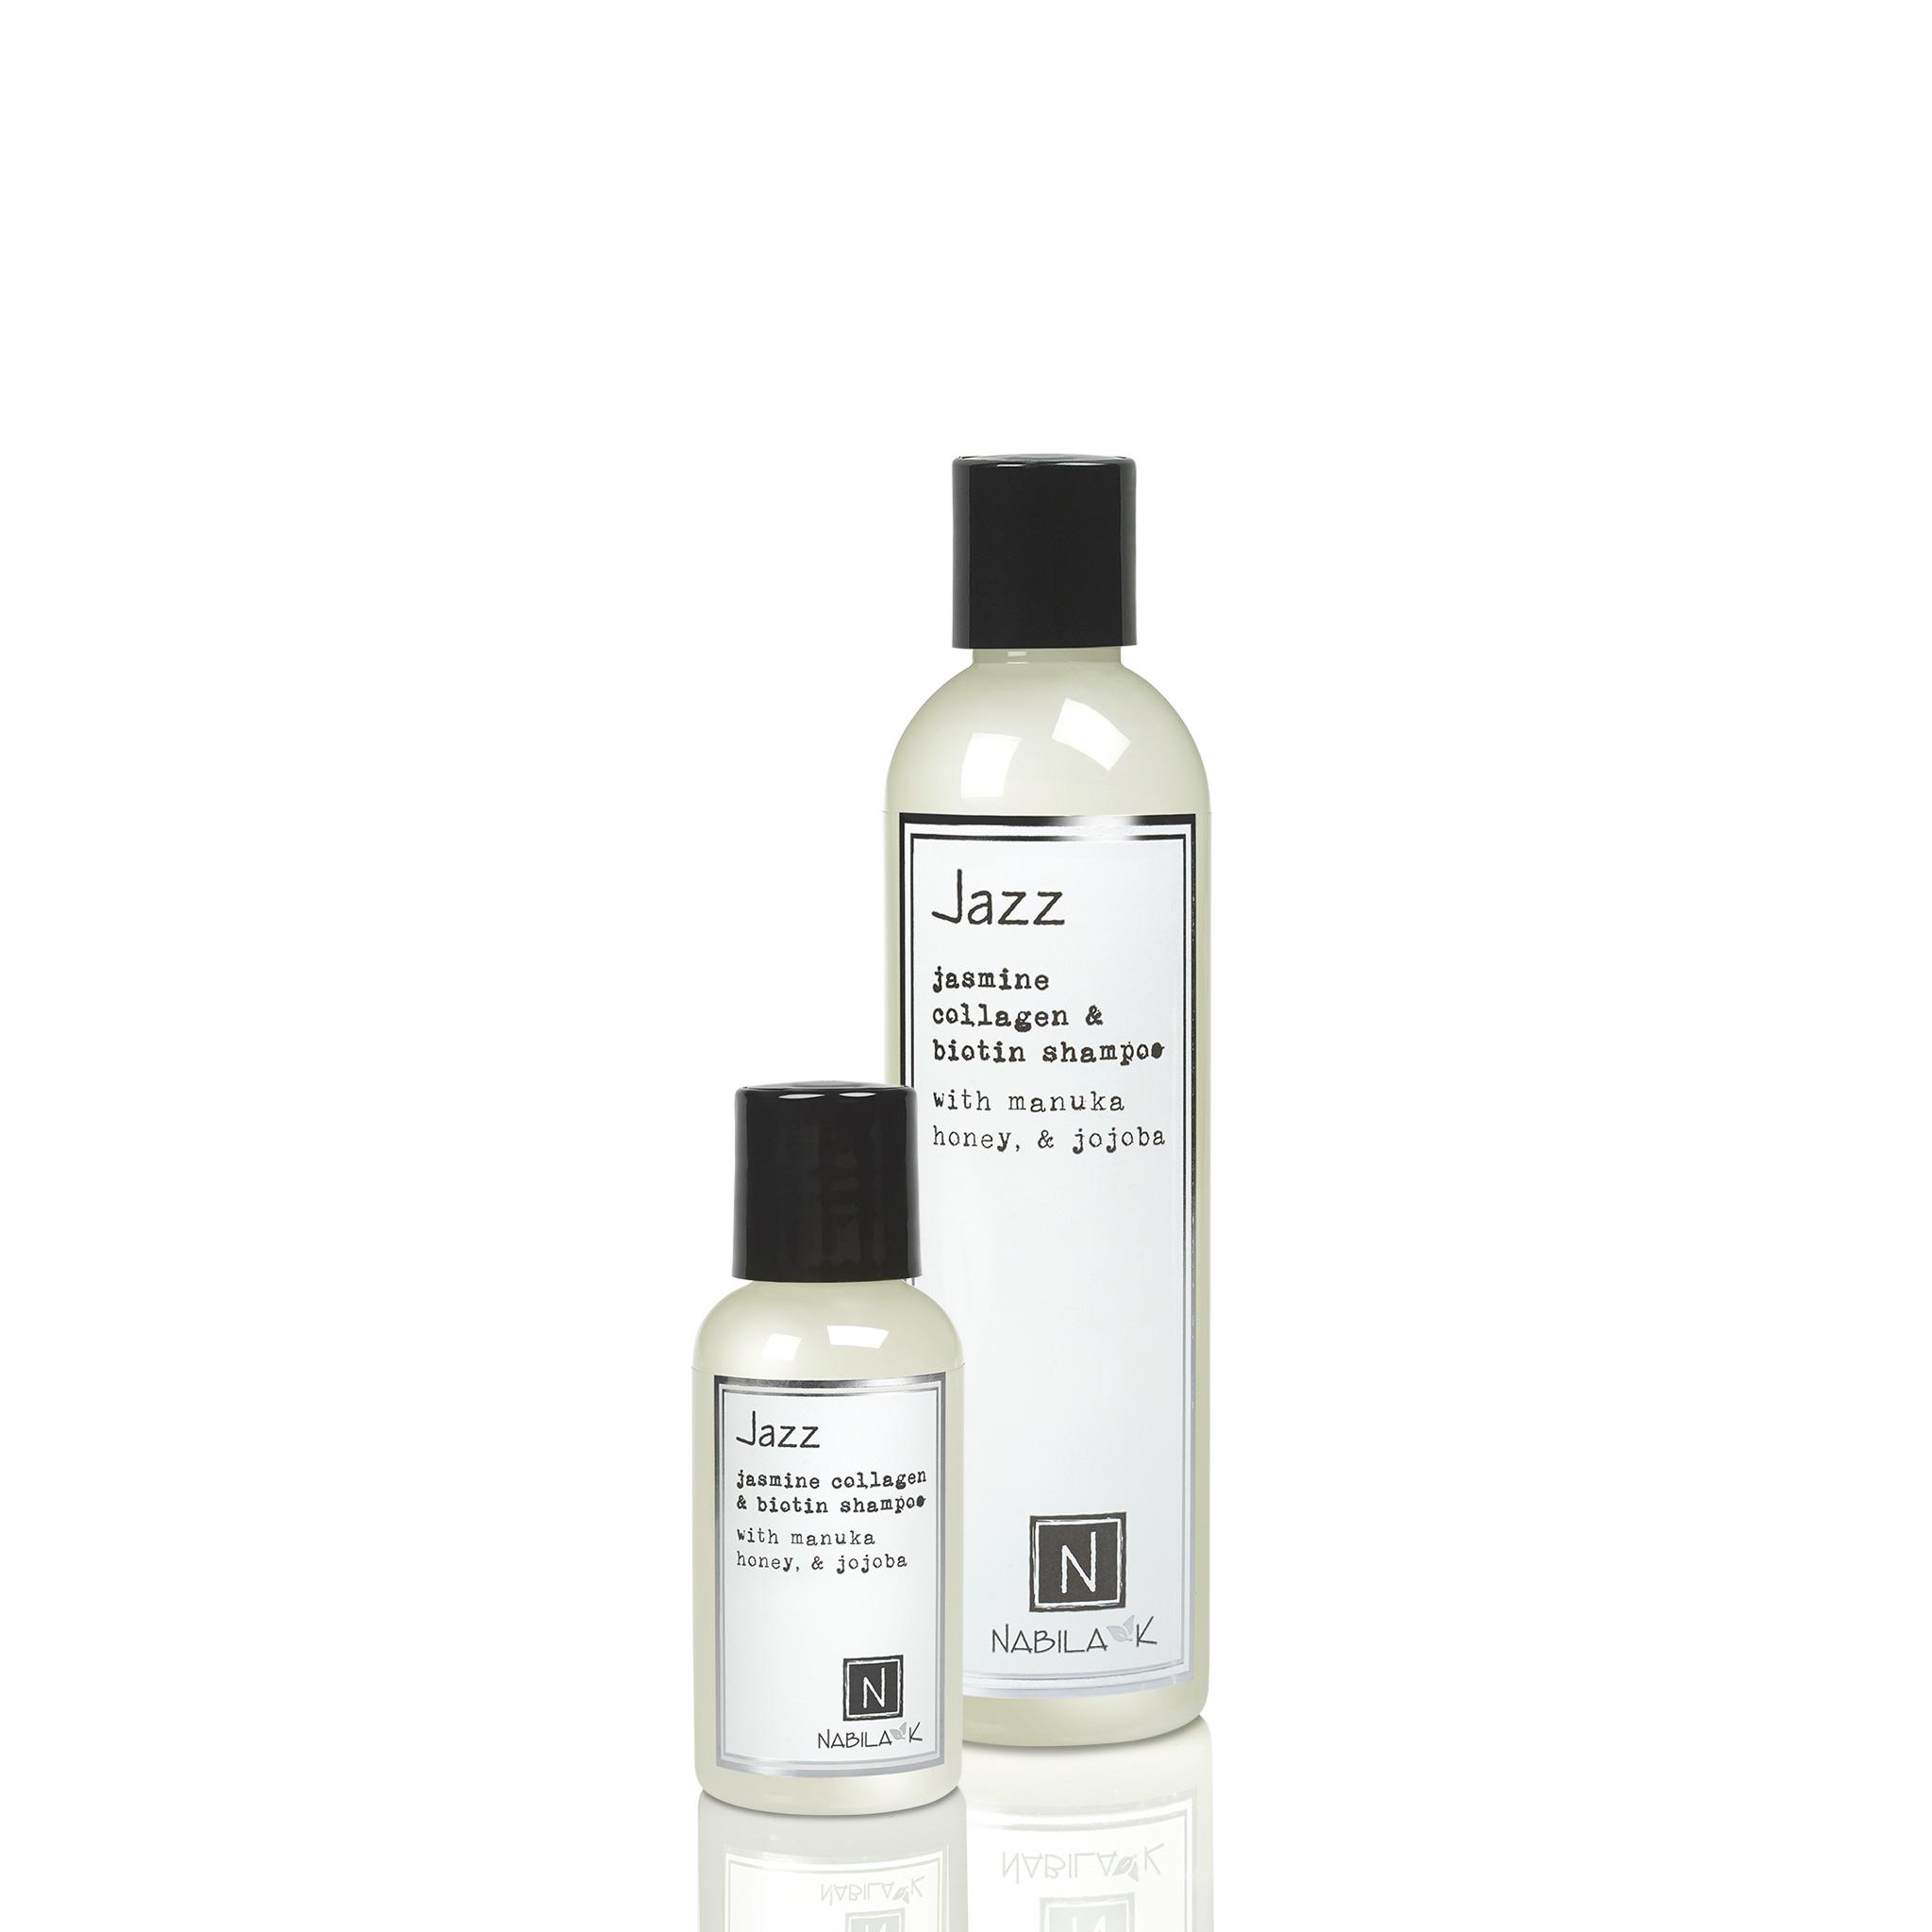 1 Travel and 1 Large Sized Bottle of Jasmine Collagen and Biotin Shampoo with Maunka Honey and Jojoba